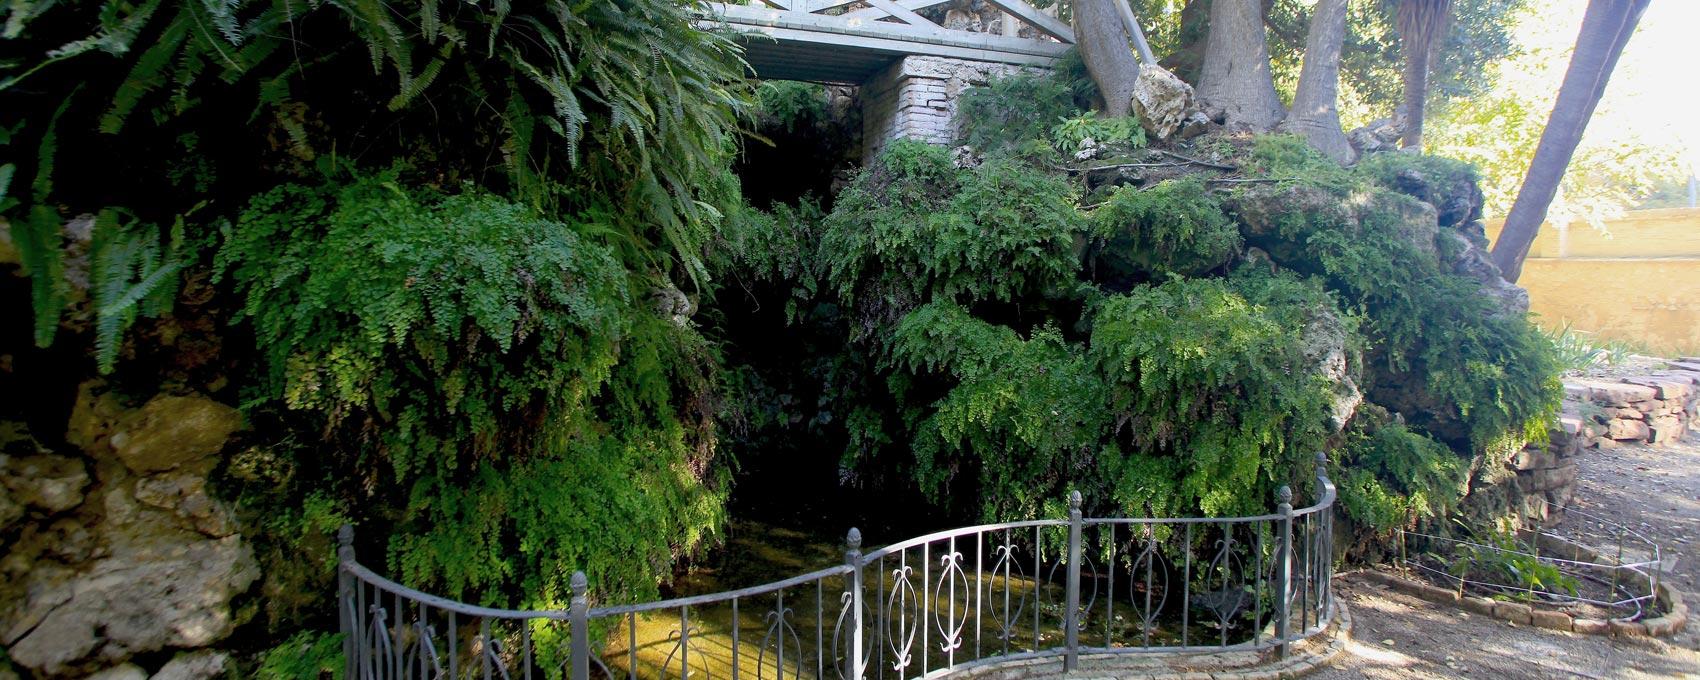 """A uno de los lados de """"la montañita"""" podemos ver un pequeño puente sobre una cascada rodeada de helechos."""